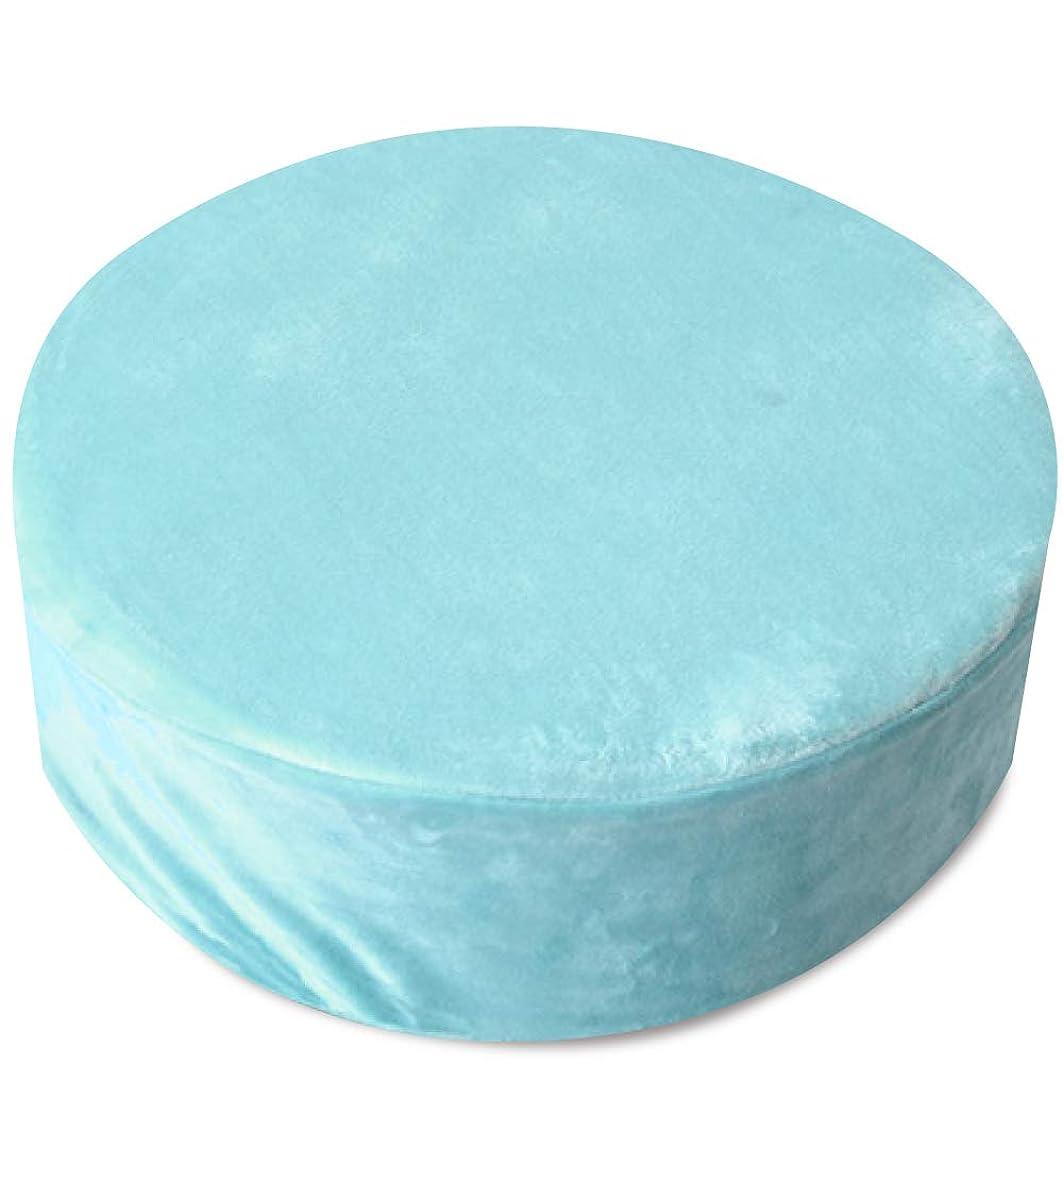 腐食するインスタントインシュレータ寝具のドリーム ハードクッション 約40R×13cm 円筒型 マルチクッション 優しい肌触り 選べる6色 (円柱型:約40R×13cm, ブルー)